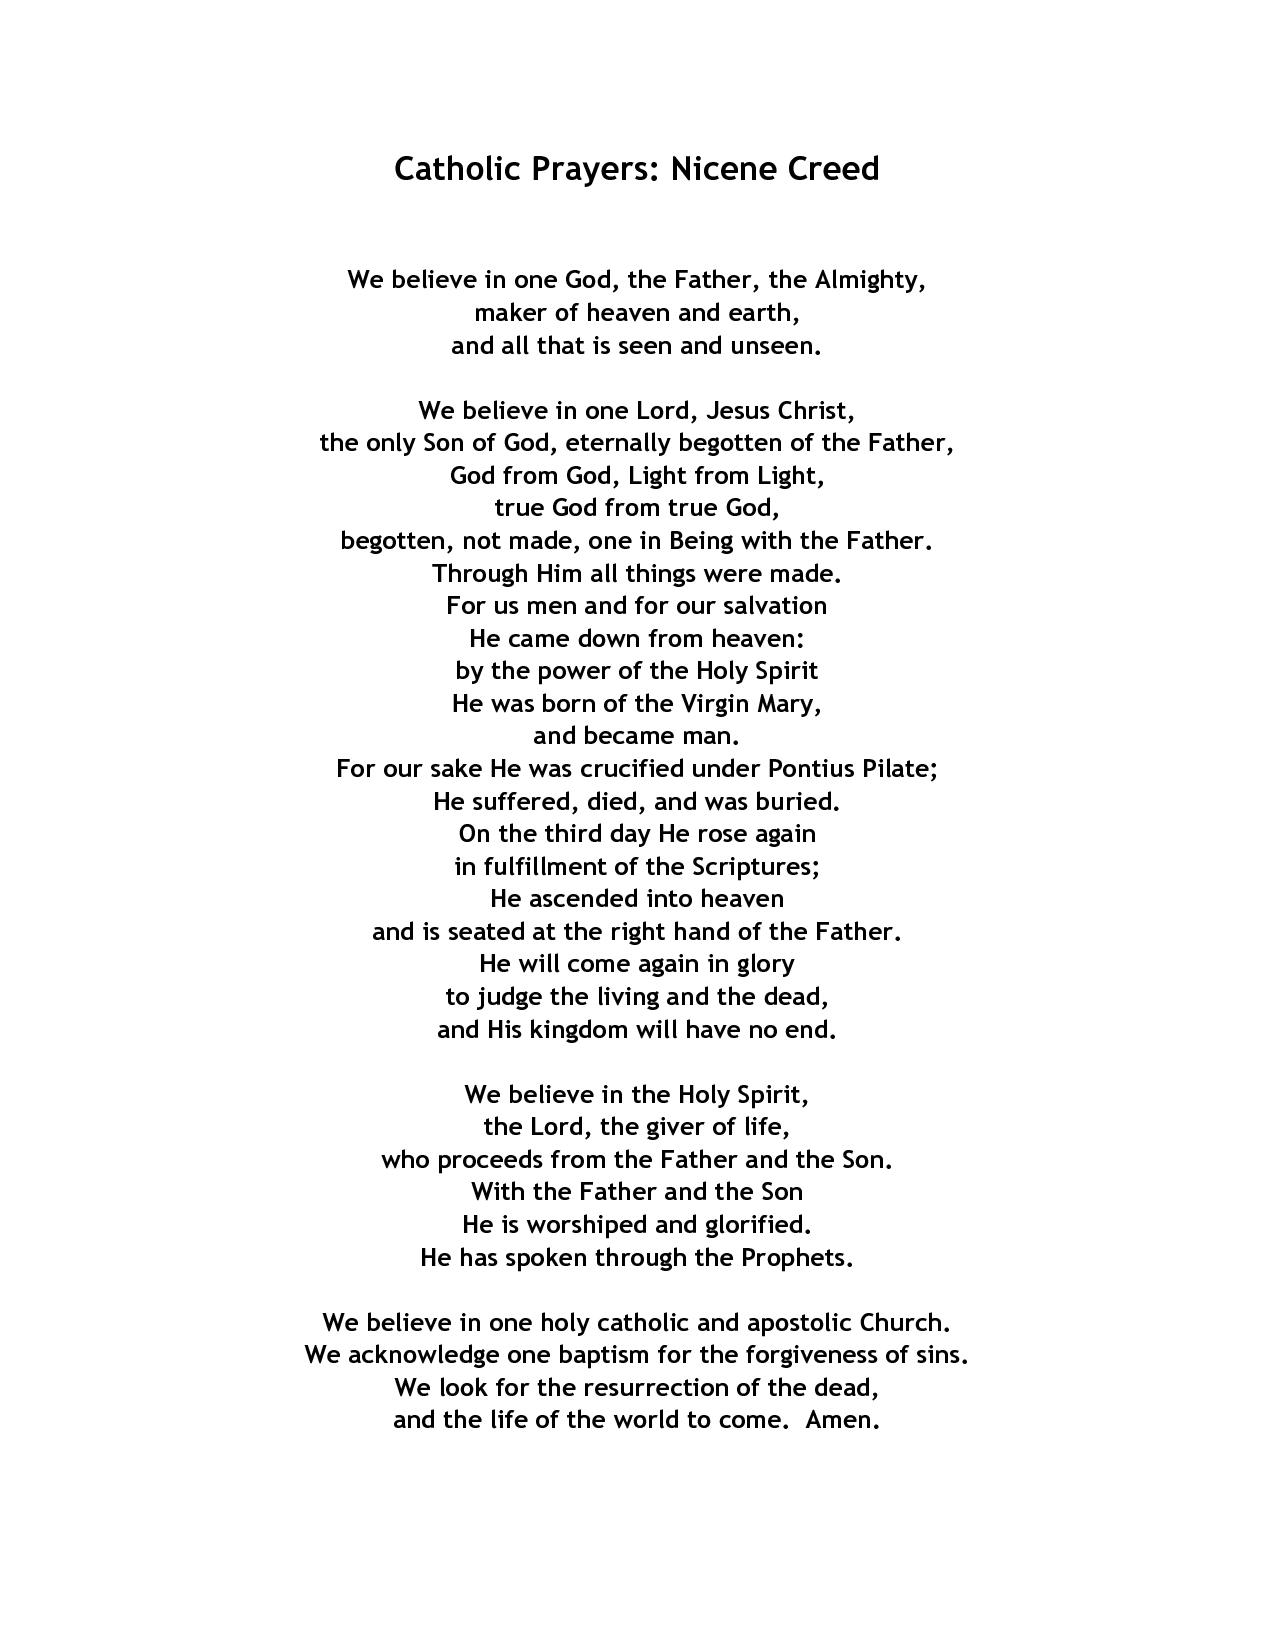 Catholic Prayers Nicene Creed